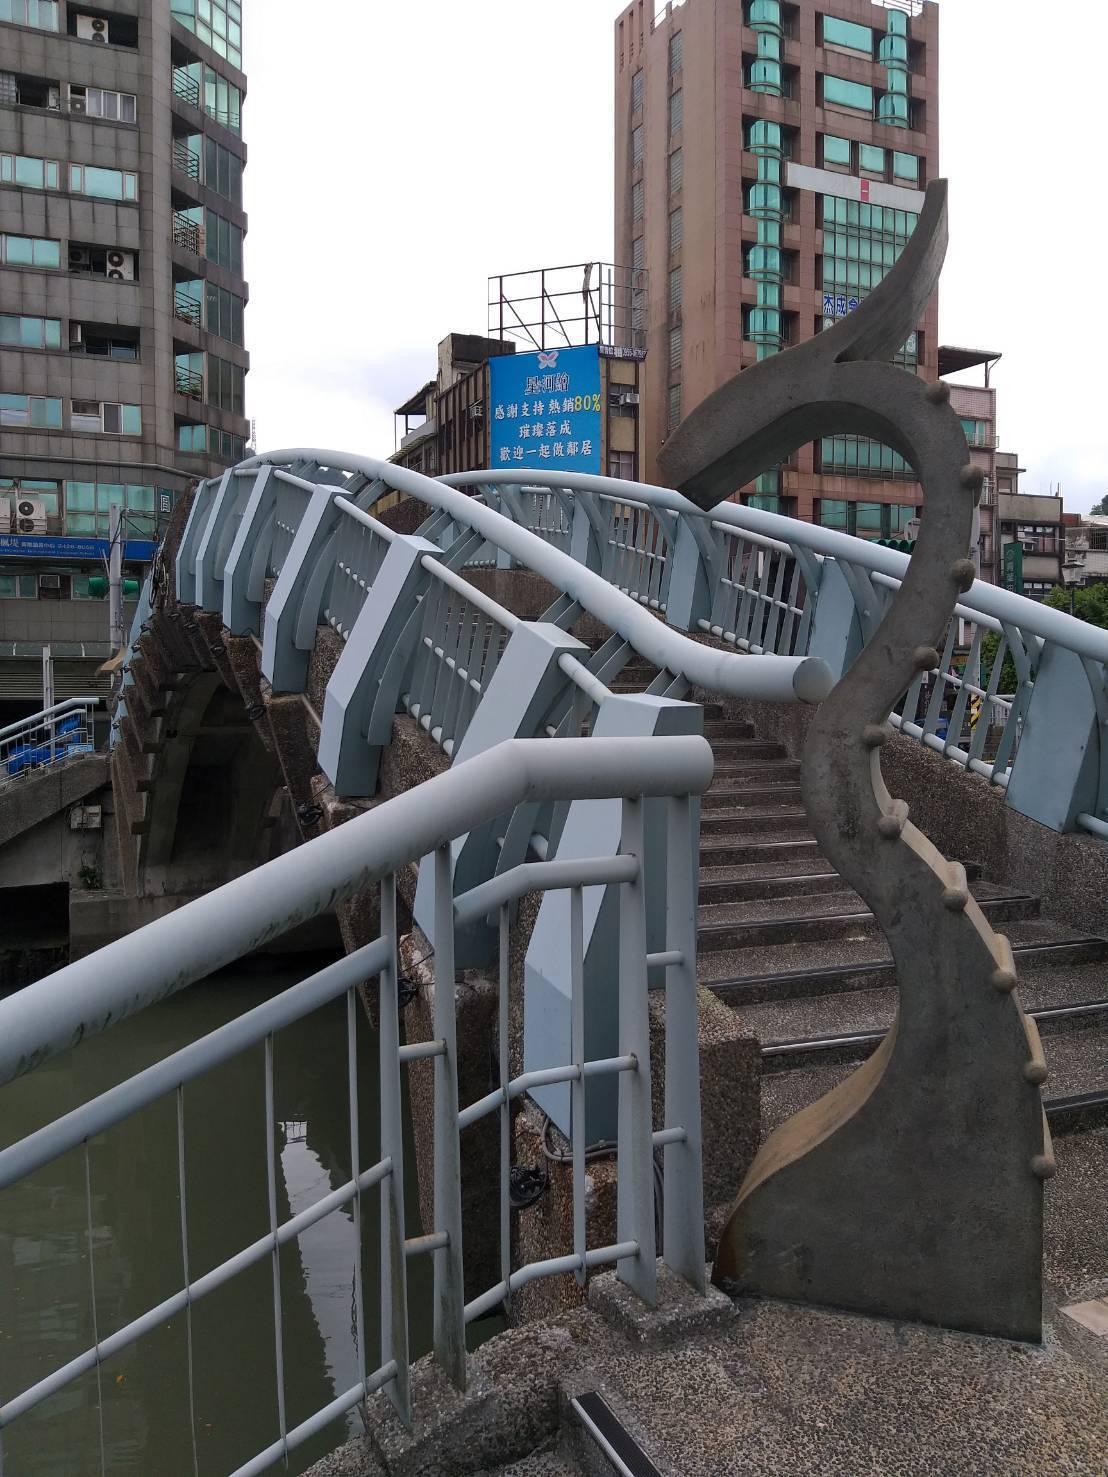 基隆市警、消今晨在田寮河金雞橋附近河面發現女子落水死亡,並在祥龍橋發現死者遺物。...